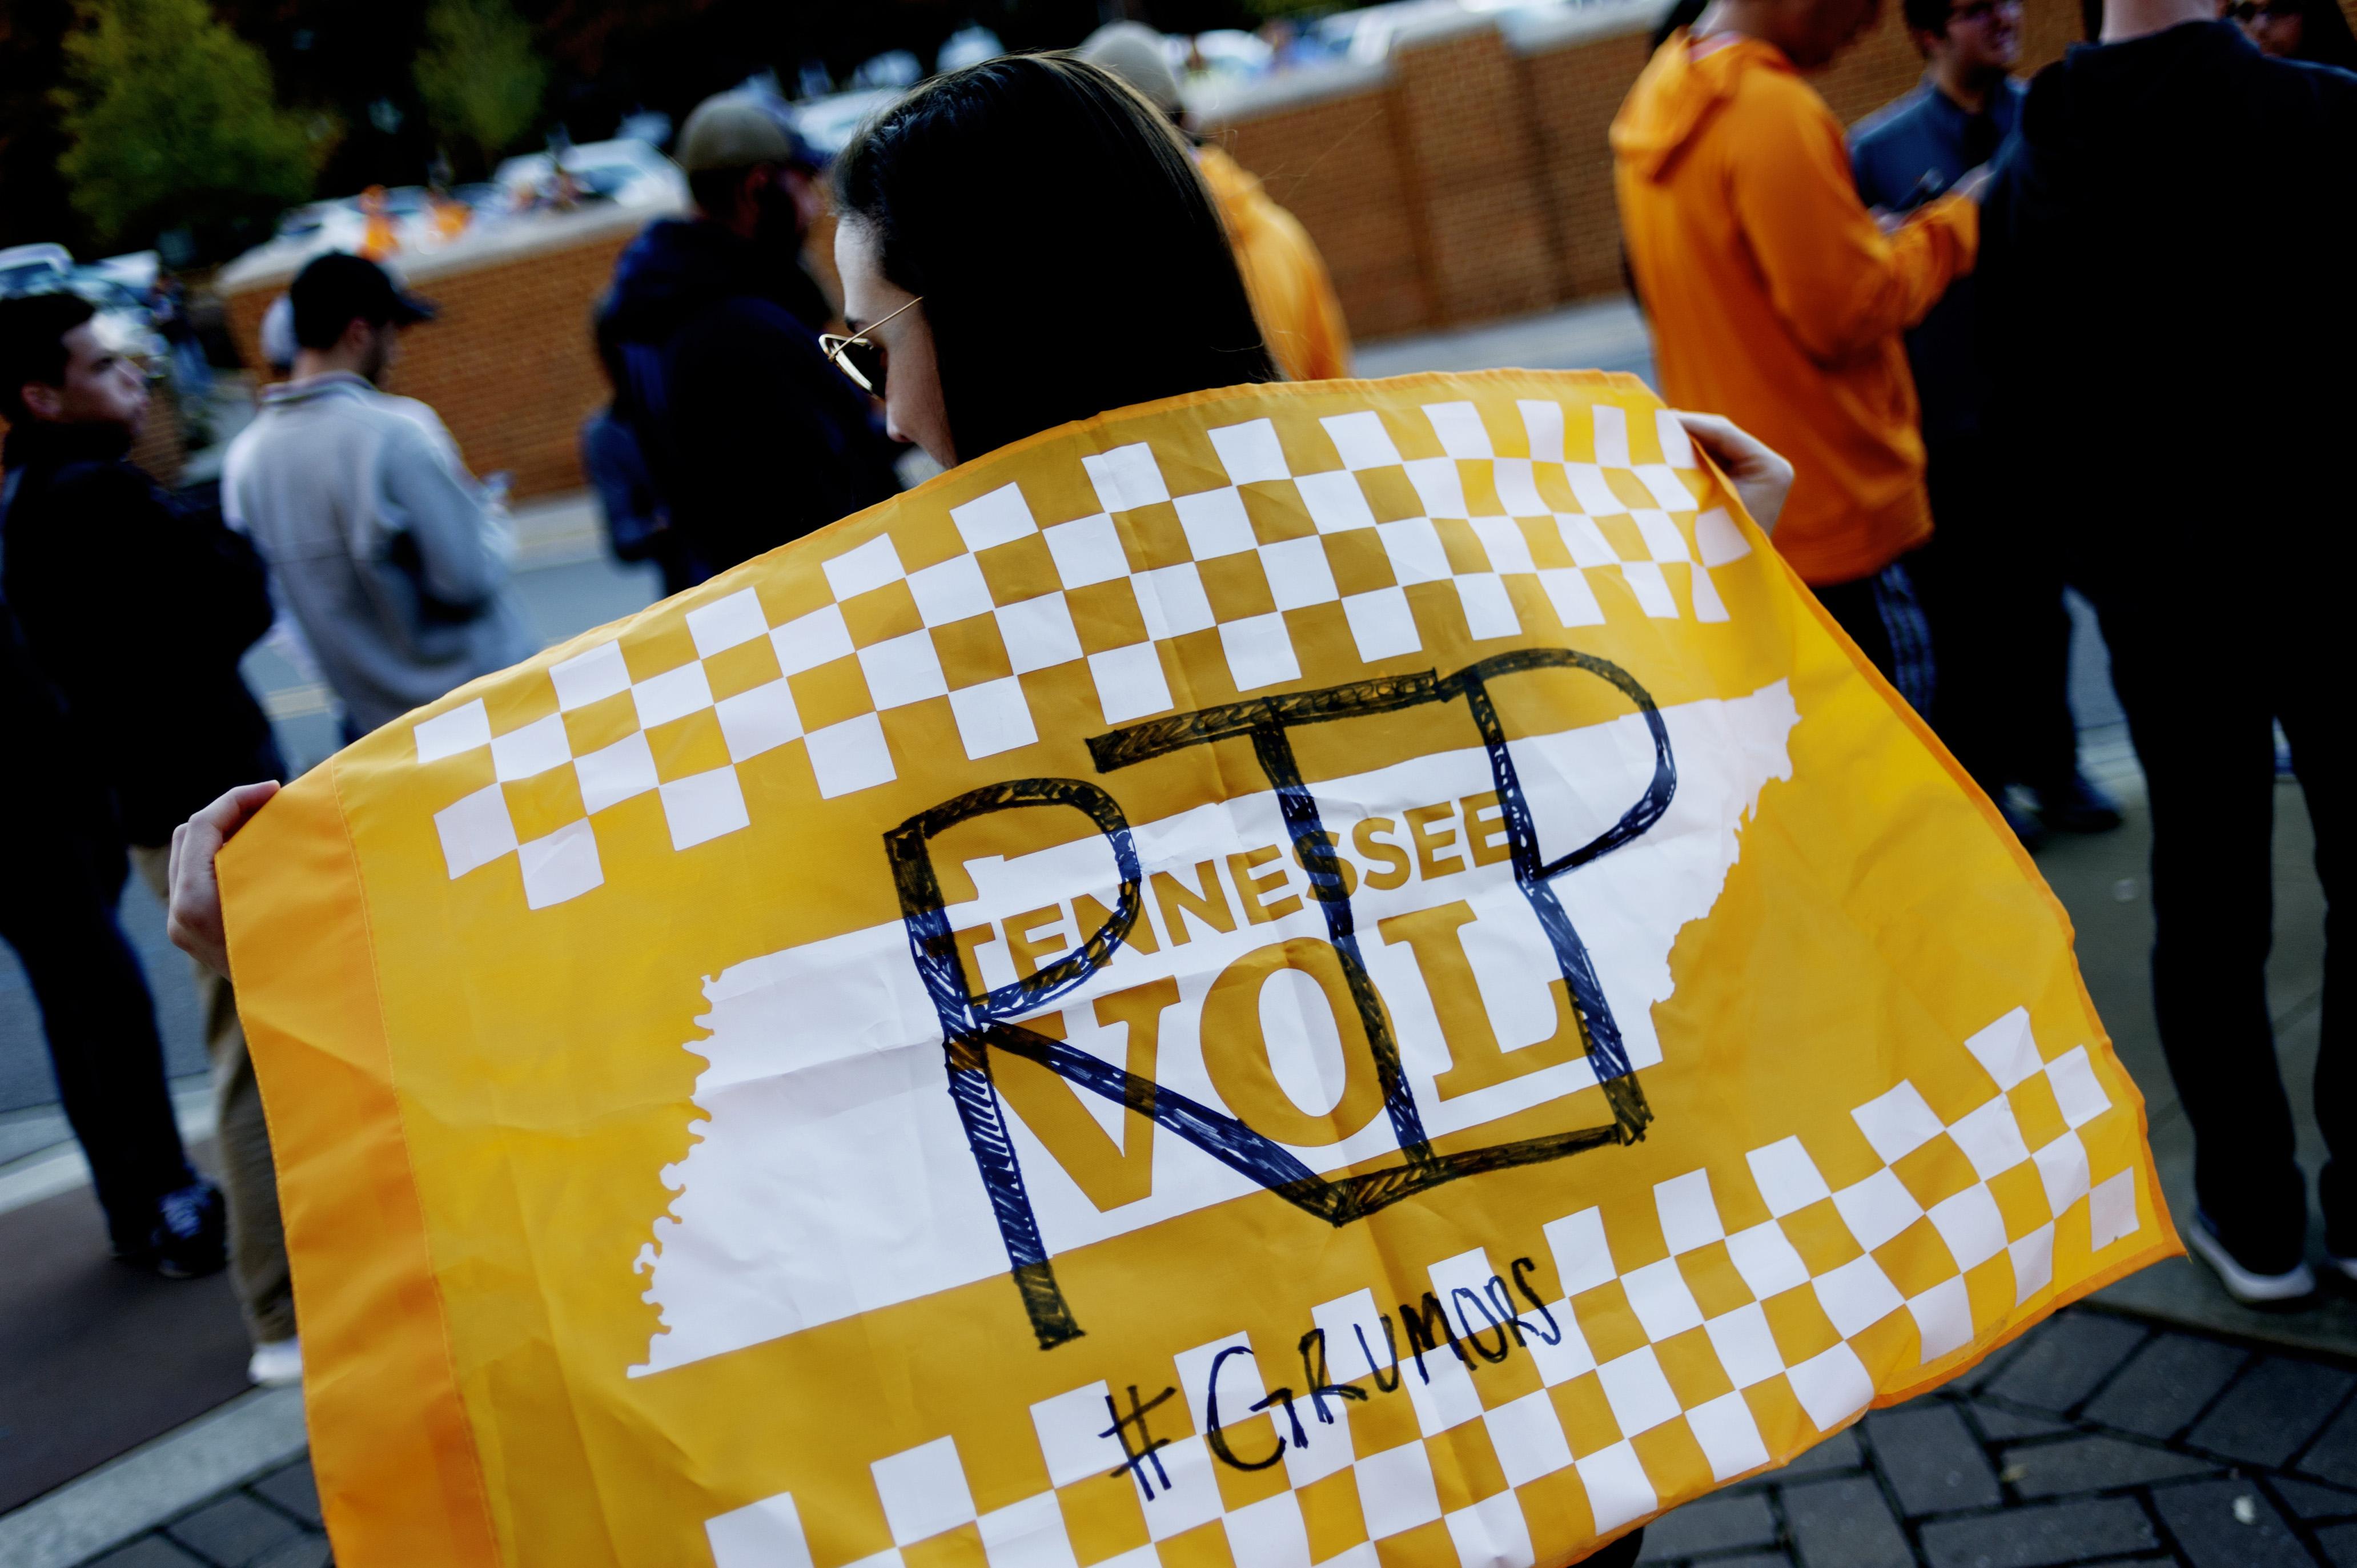 Sports: Schiano Tennessee Fan Reaction